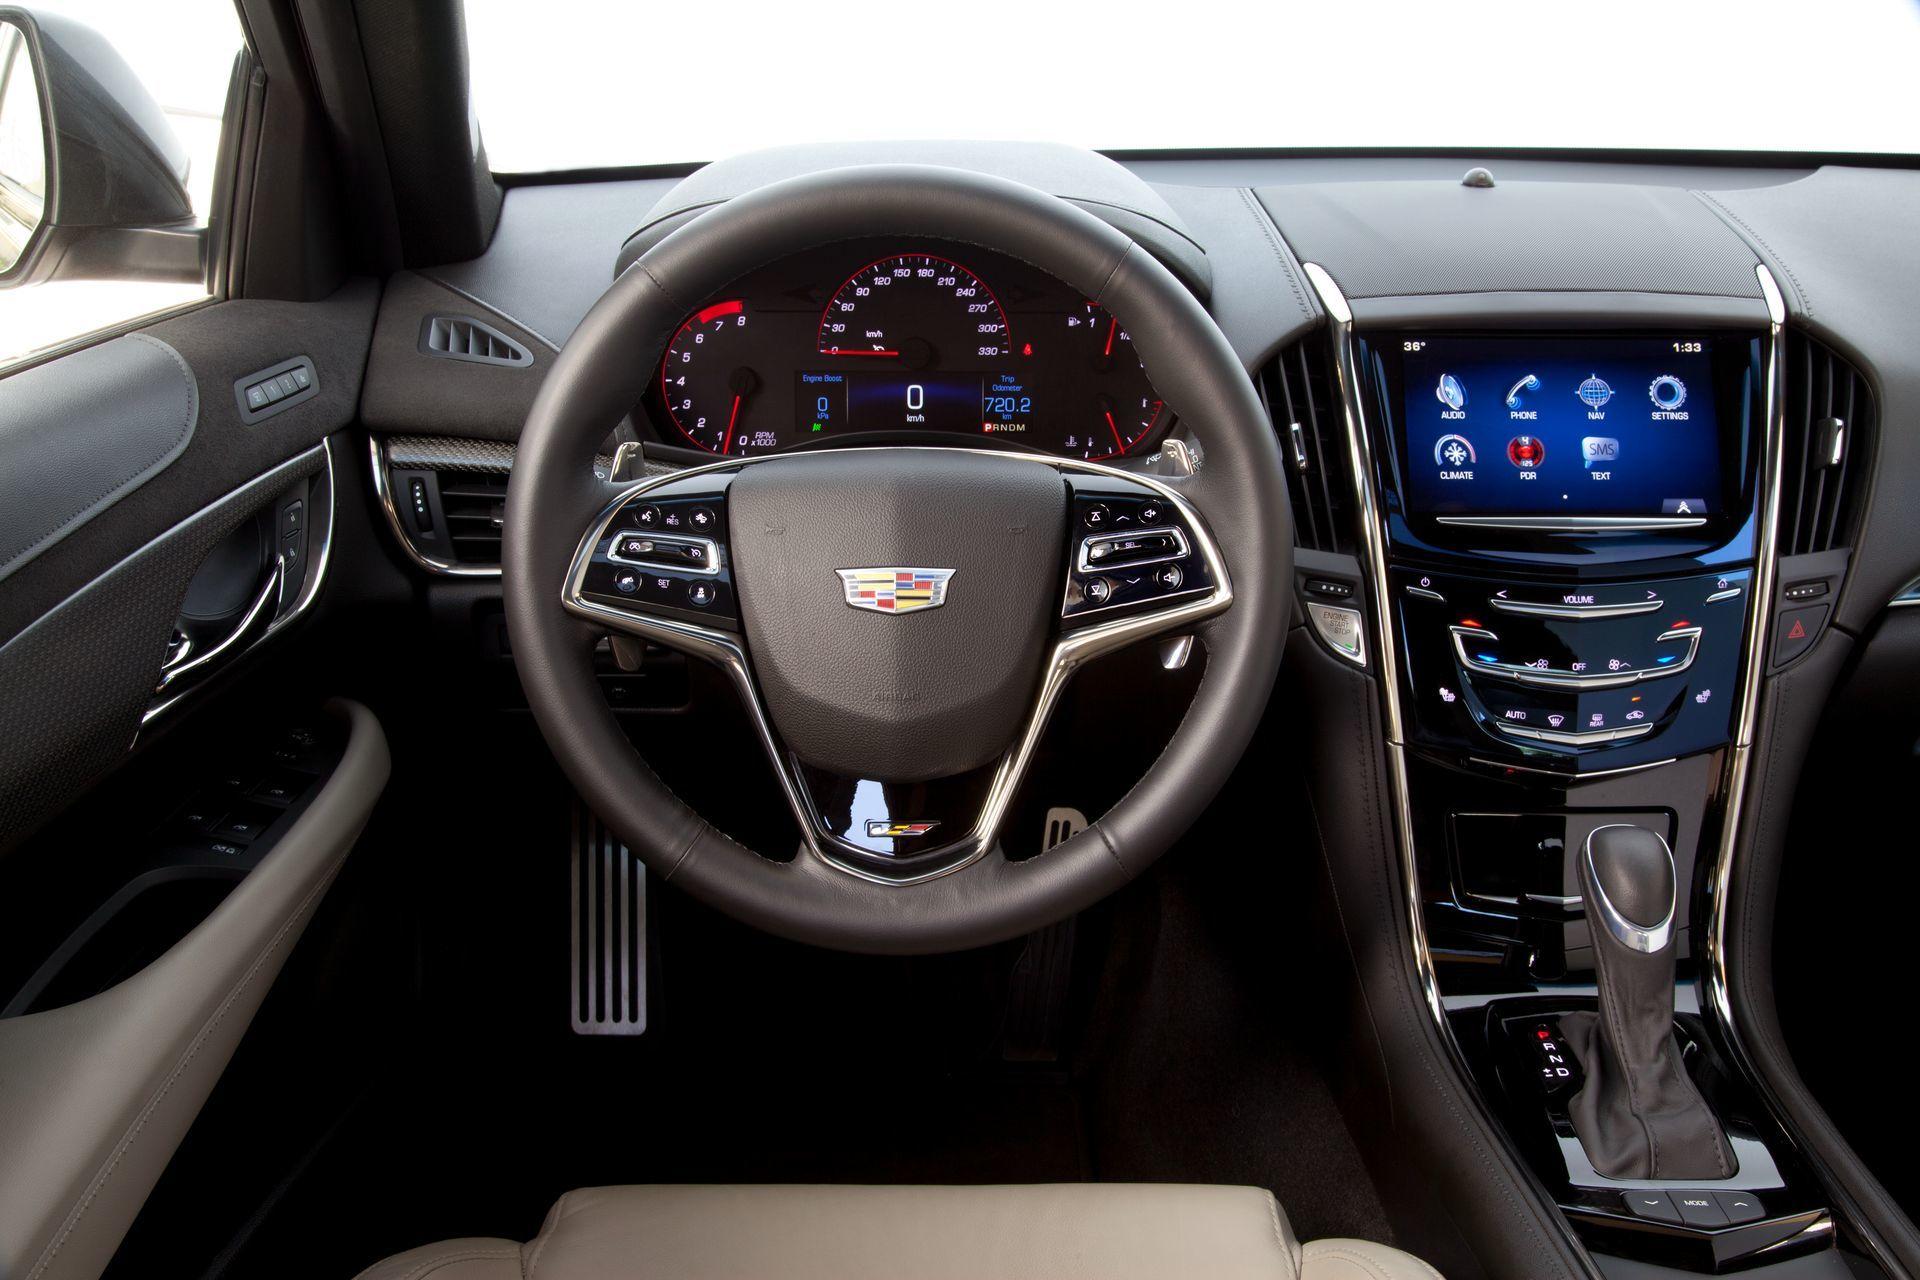 2011 Cadillac Cts Fuse Diagram Cadillac Ats Precios Noticias Prueba Ficha T 233 Cnica Y